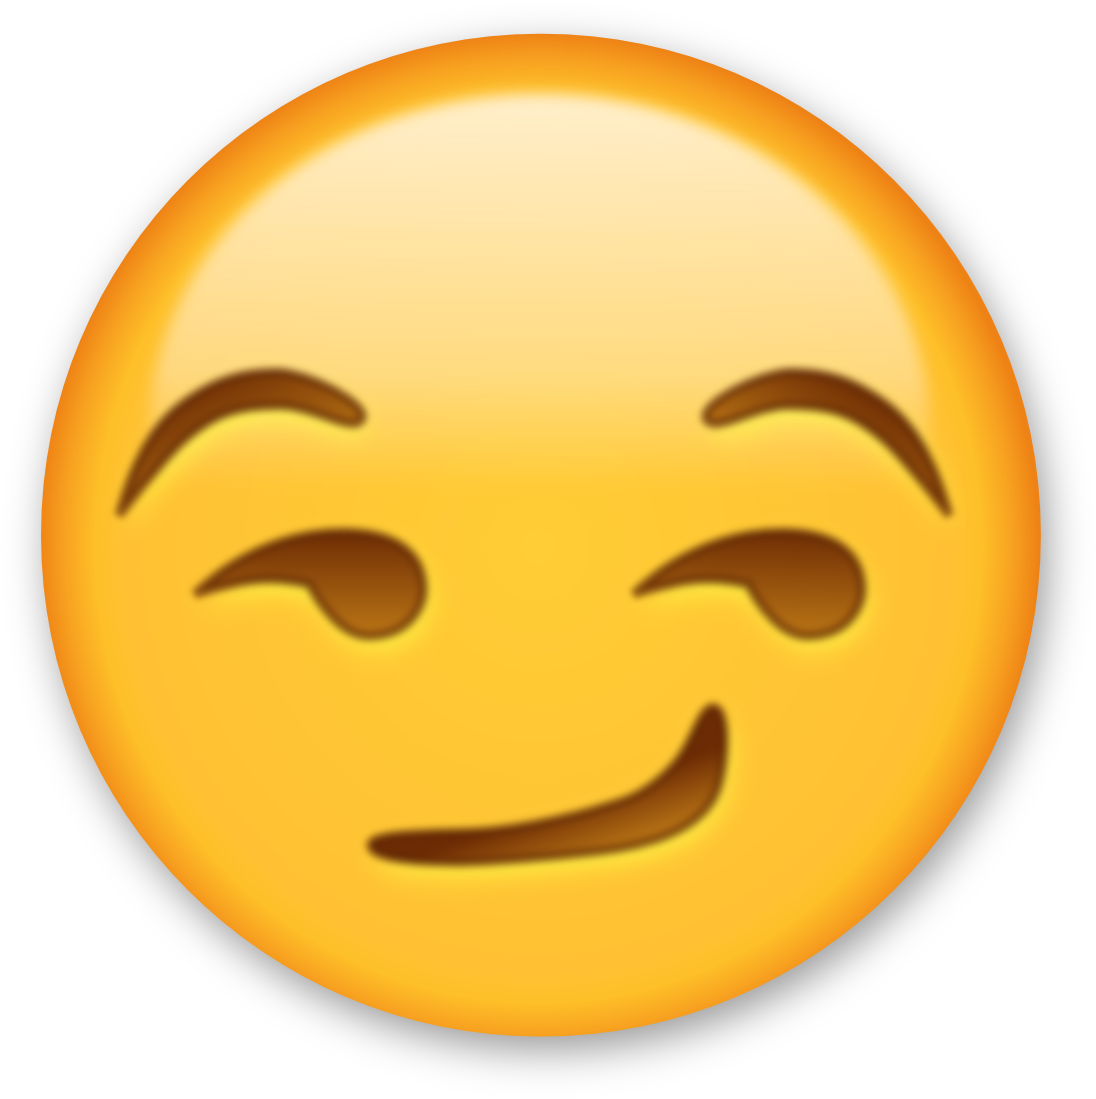 Iphone emoji art